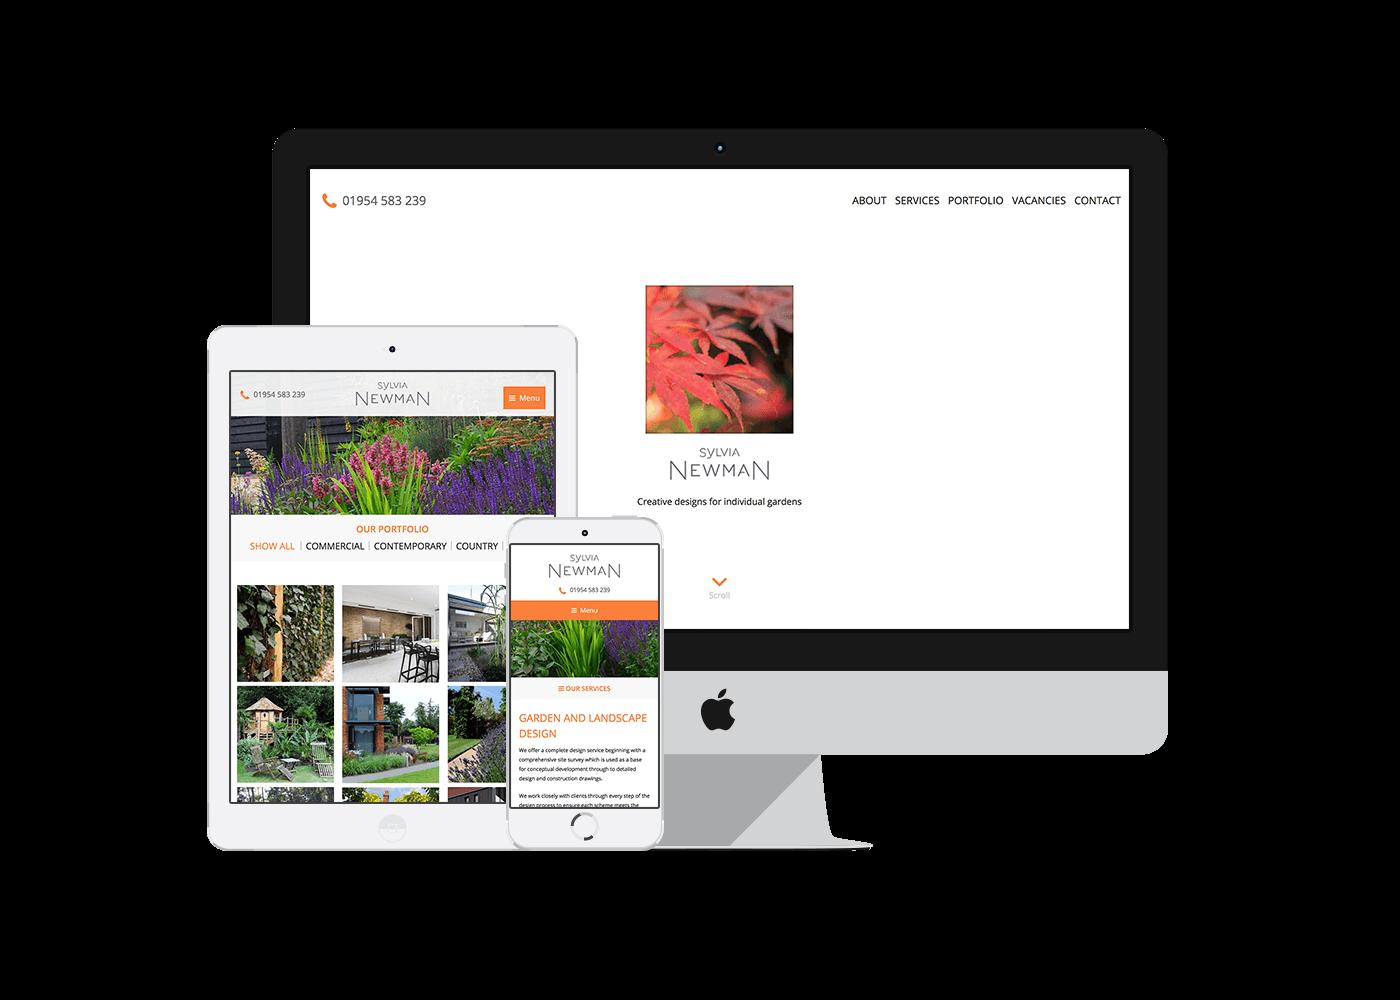 Garden Design Vacancies website design & wordpress development for cambridge garden designers